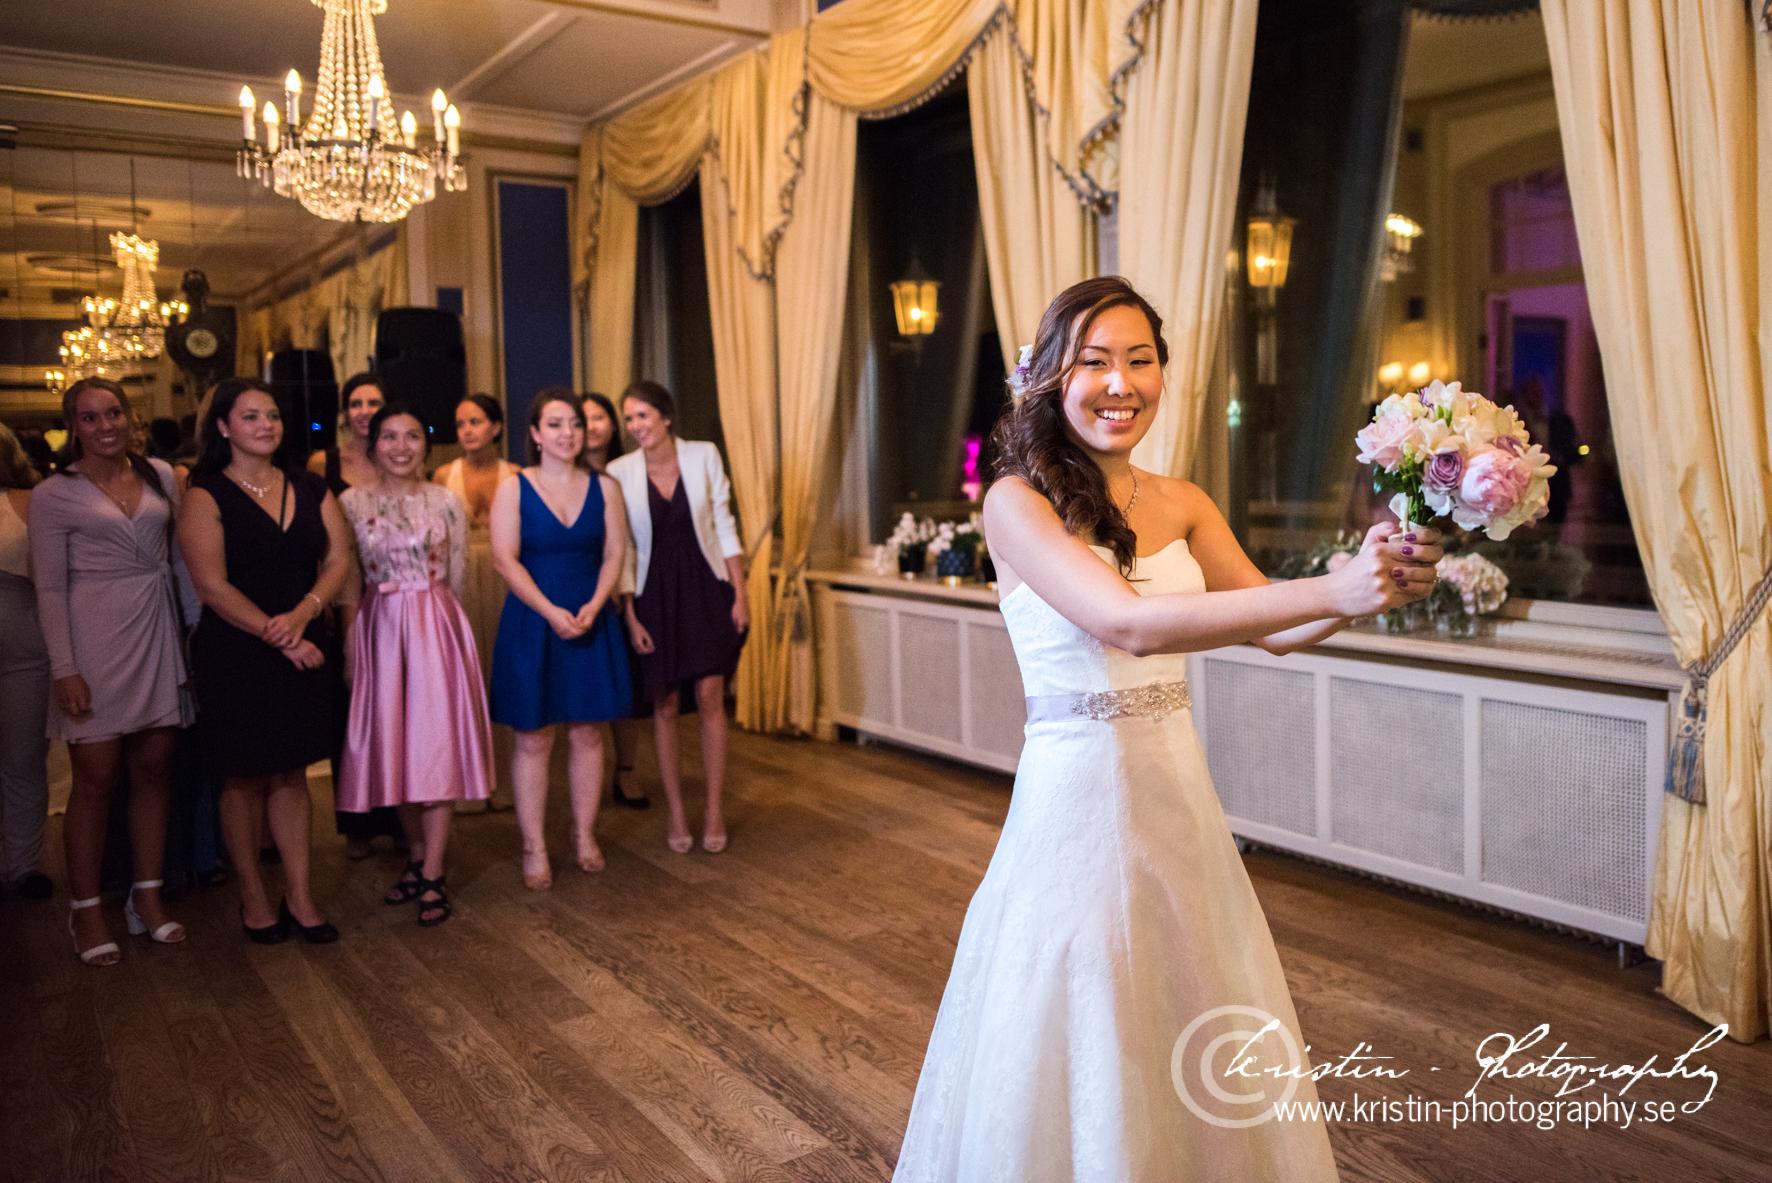 Bröllopsfotograf i Eskilstuna, Kristin - Photography-392.jpg